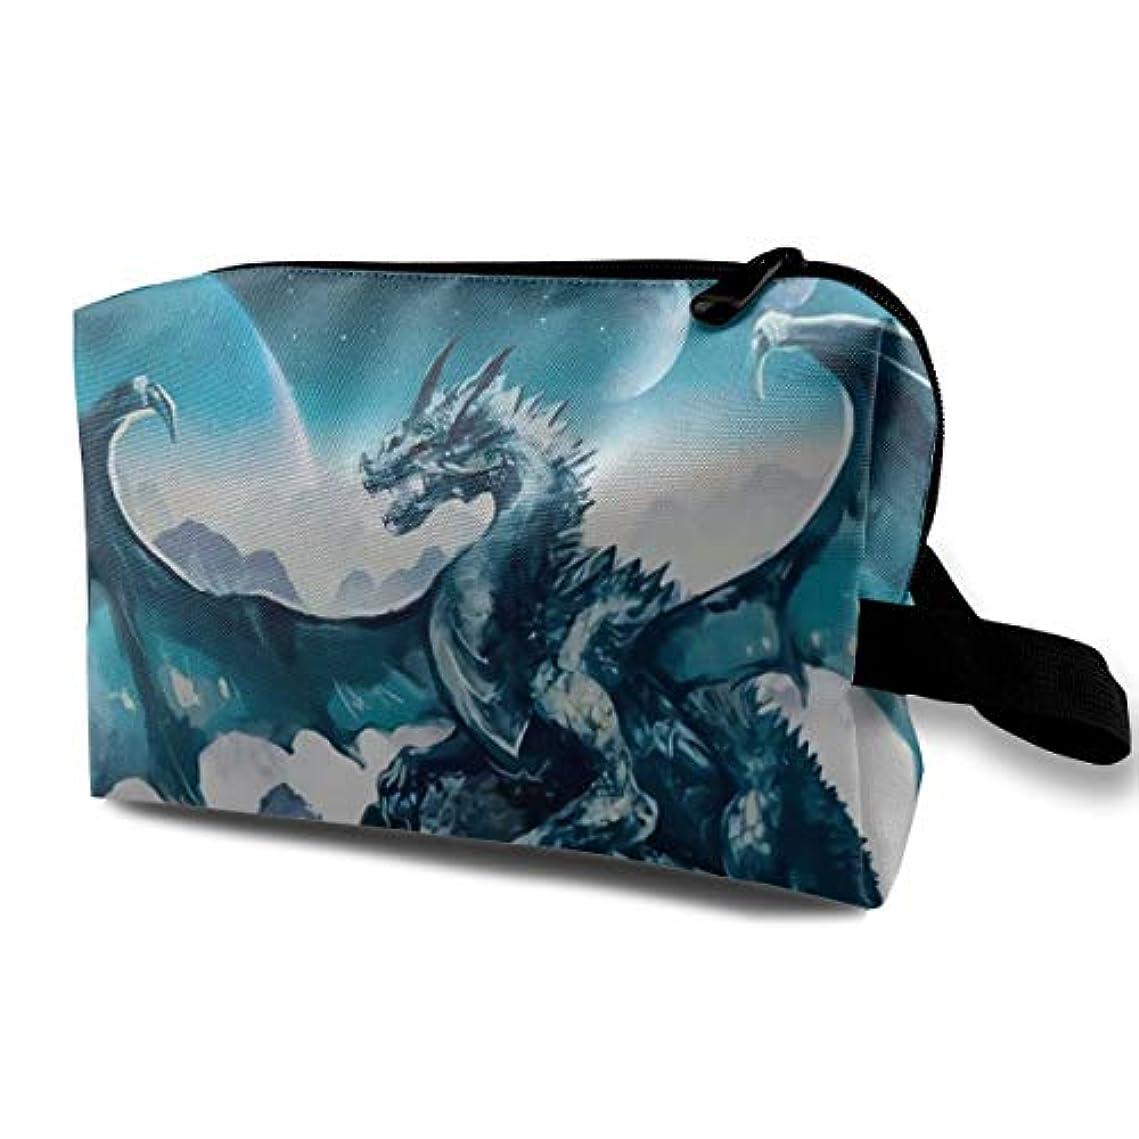 スーツケース成熟ラベンダーBlue Ice Dragon 収納ポーチ 化粧ポーチ 大容量 軽量 耐久性 ハンドル付持ち運び便利。入れ 自宅・出張・旅行・アウトドア撮影などに対応。メンズ レディース トラベルグッズ